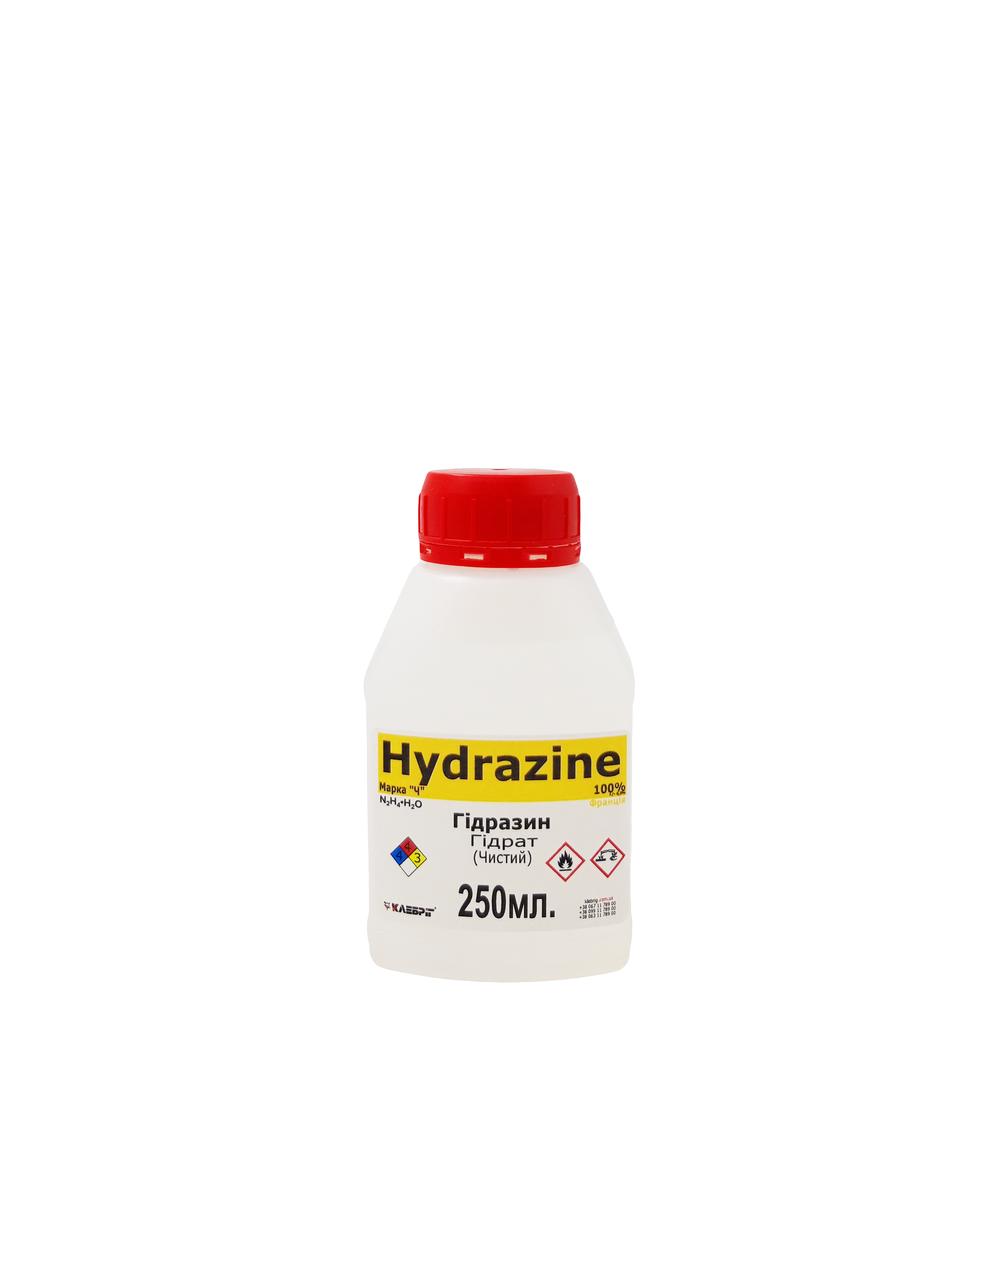 Гидразин Гидрат техническая для аффинажа металлов 250 мл